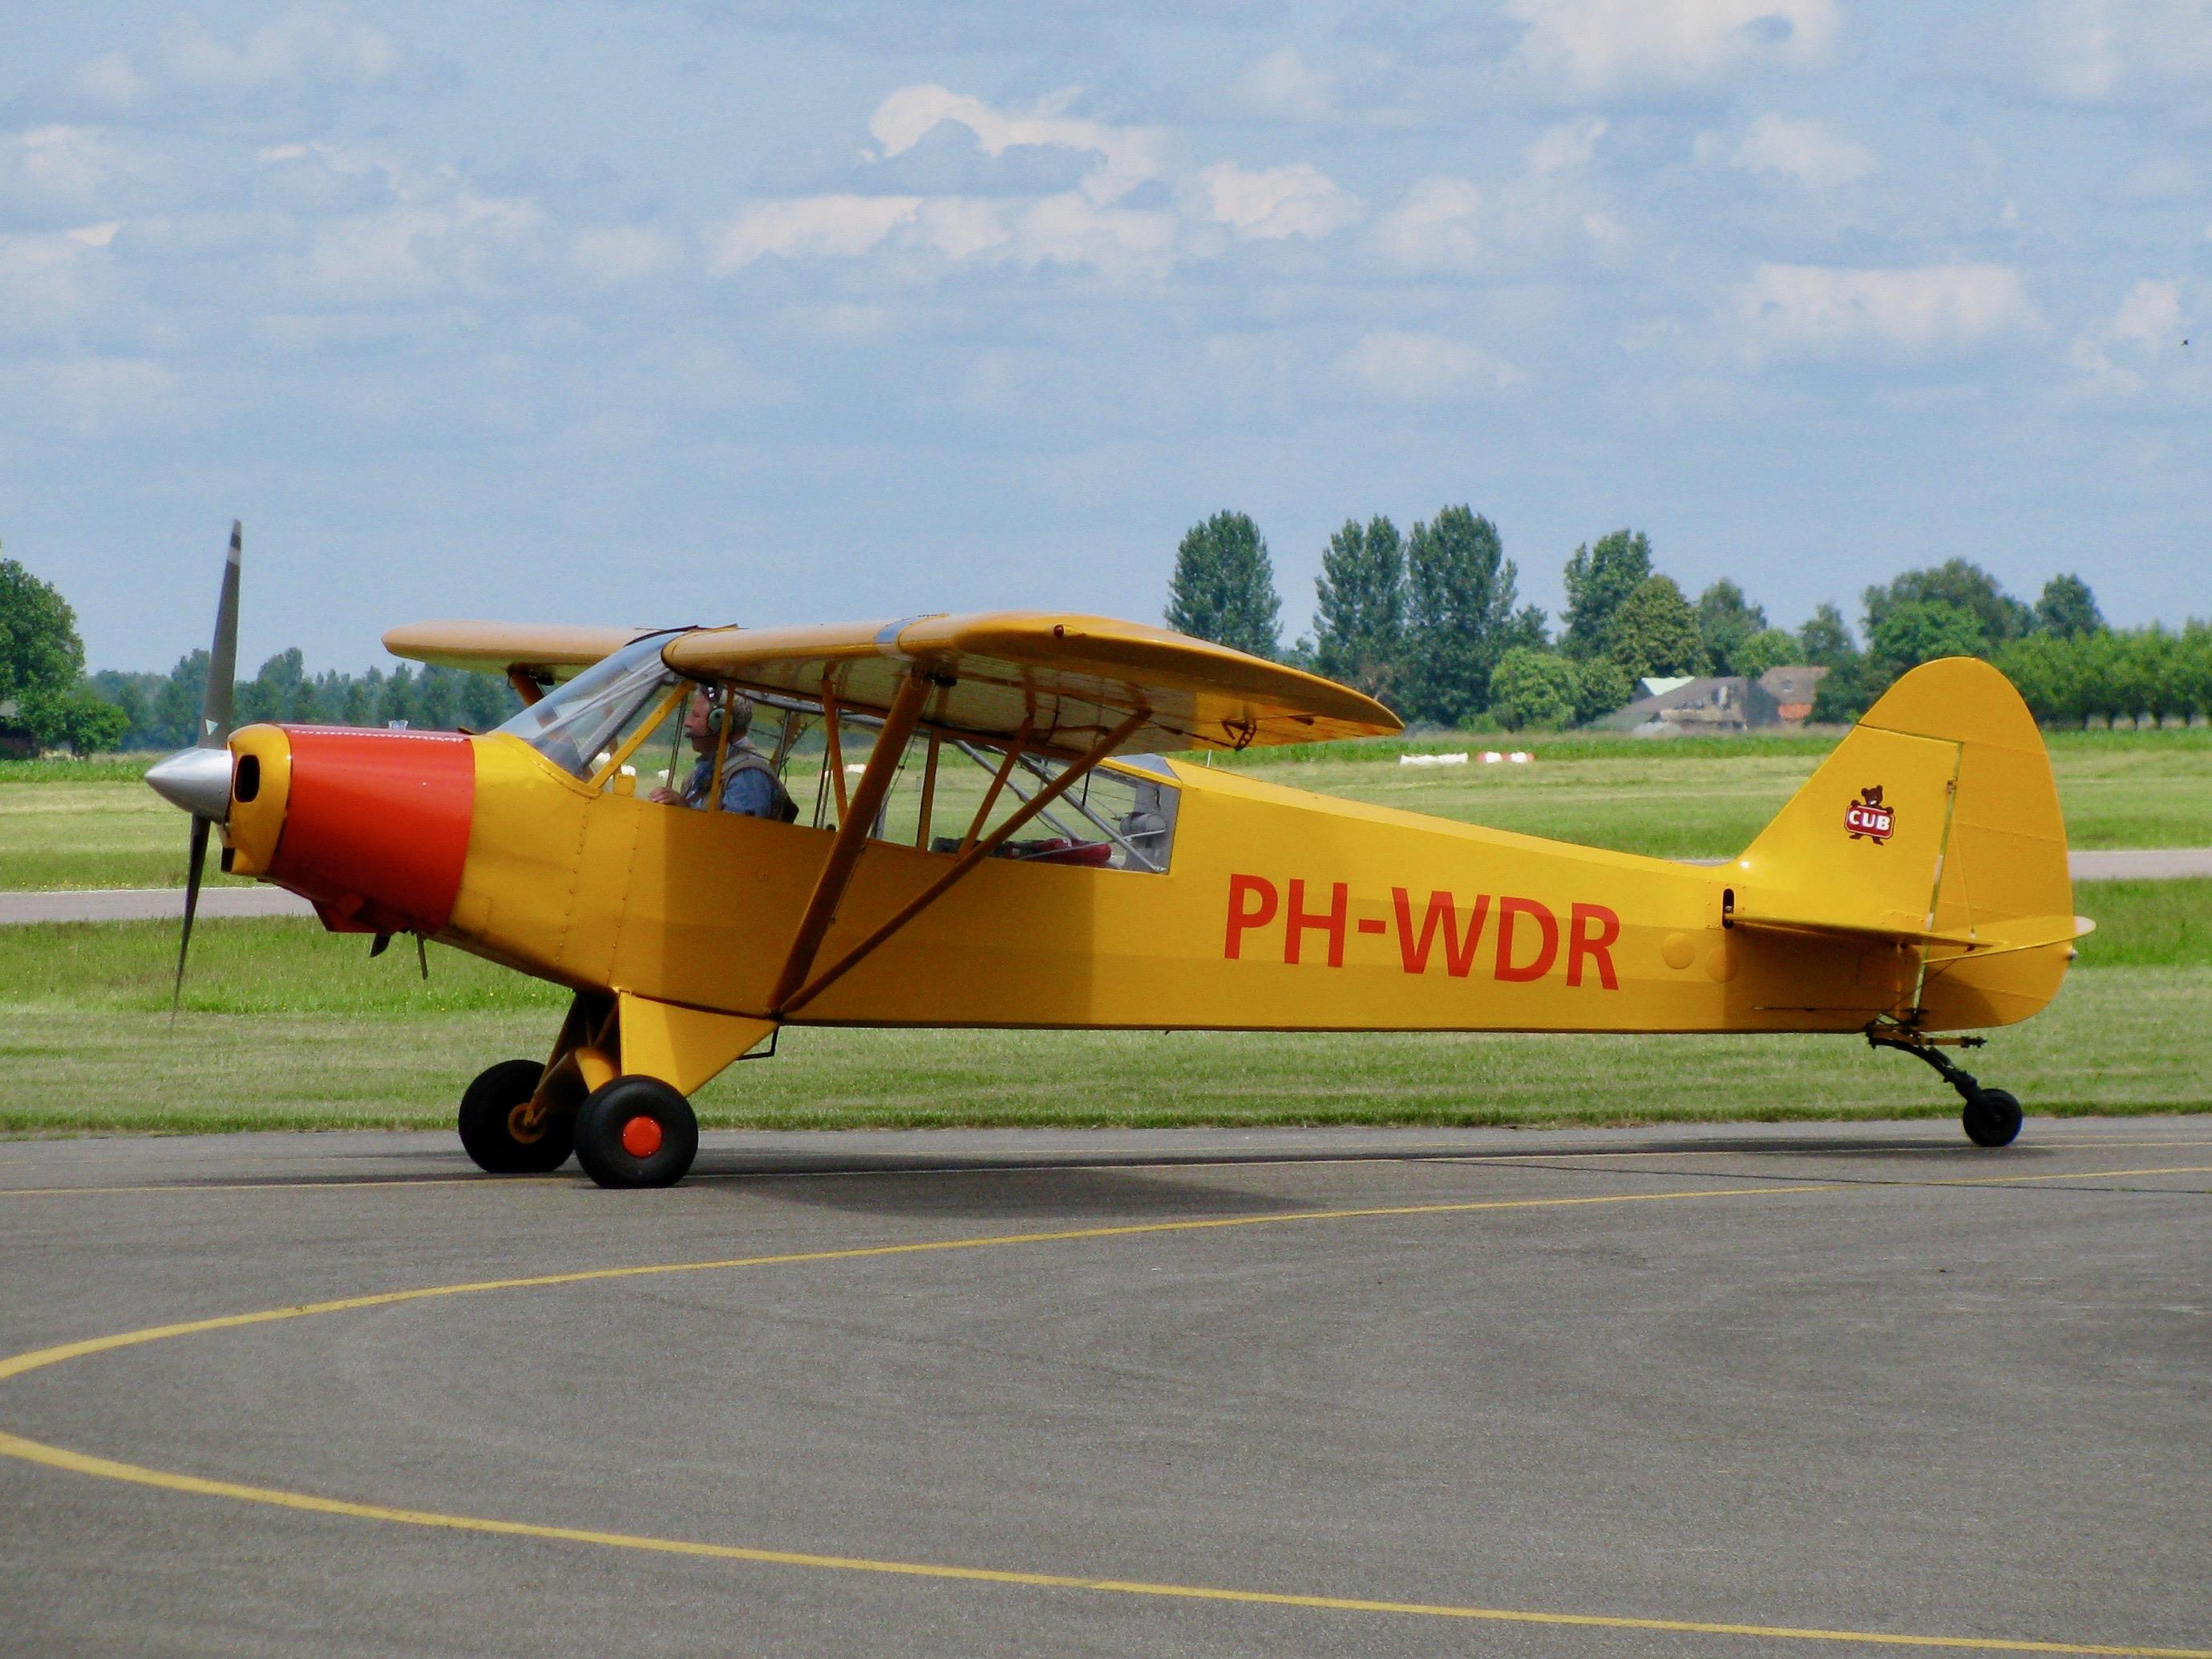 PH-WDR 0193 2.jpg